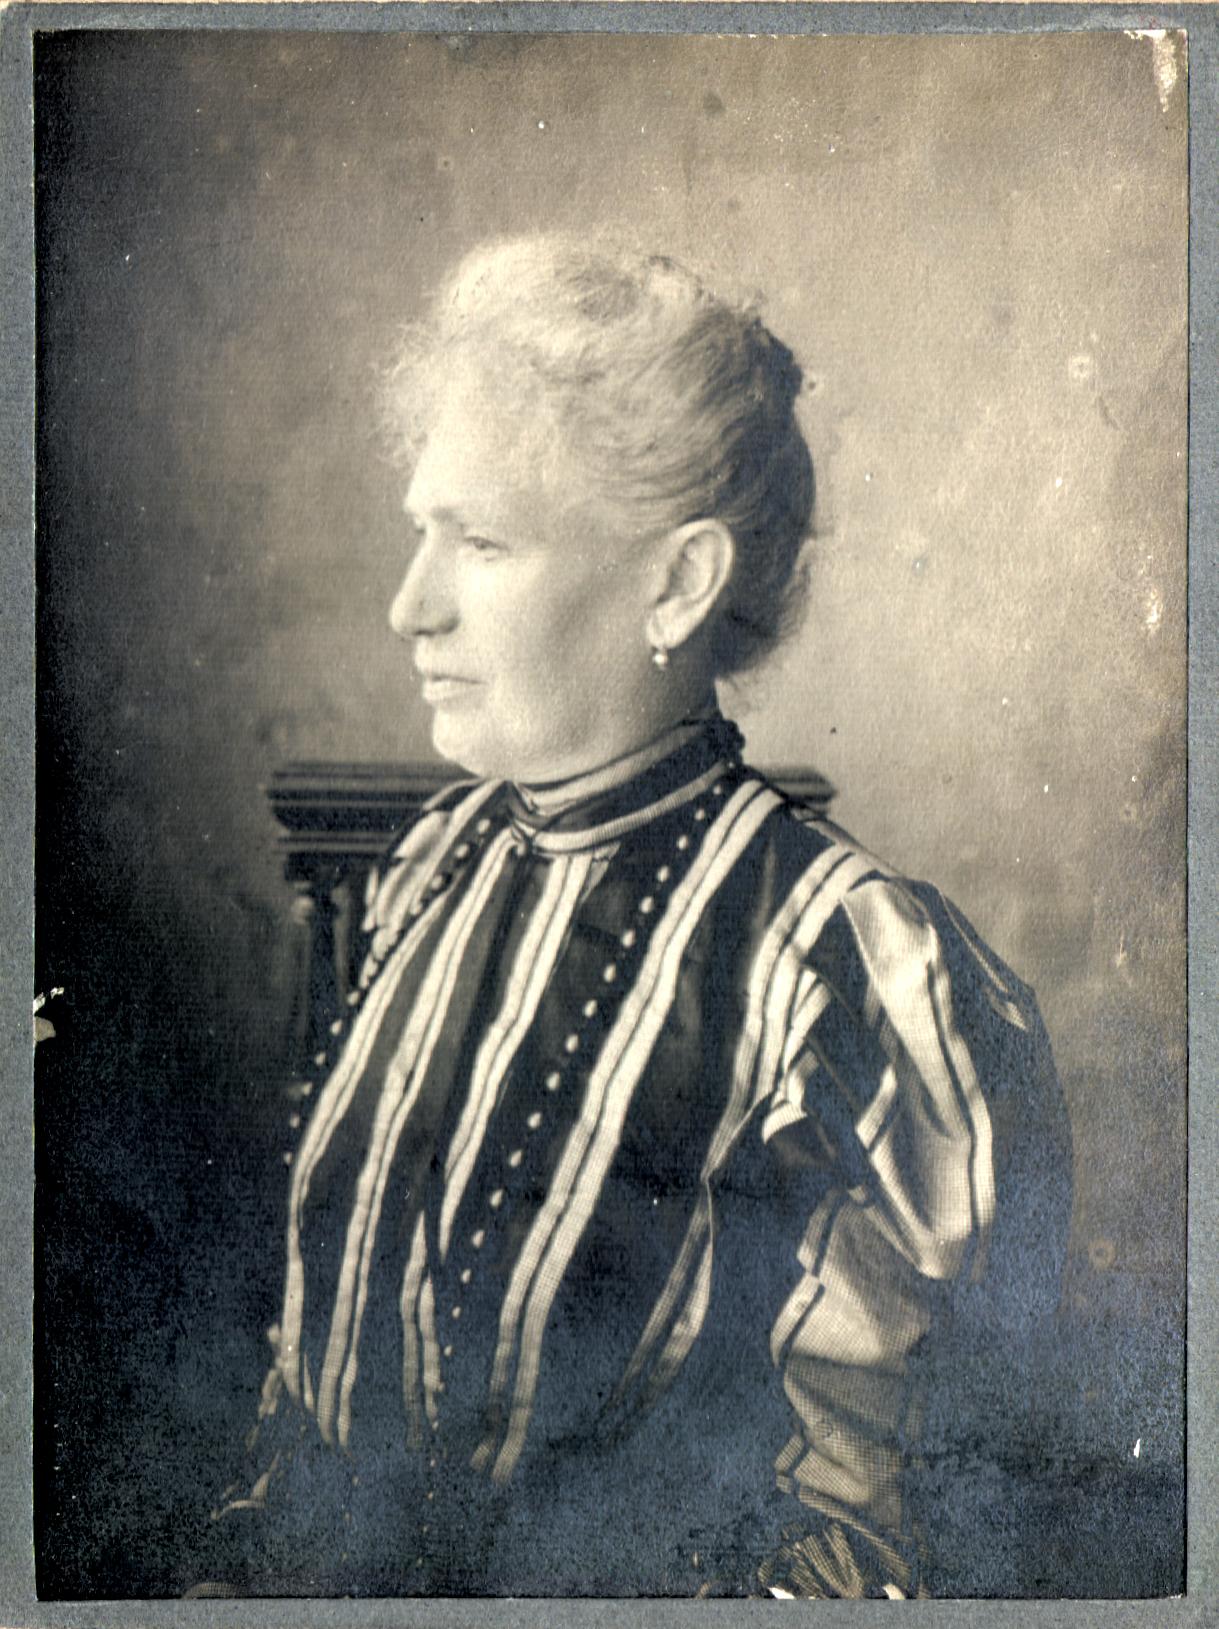 Emilia Berdach